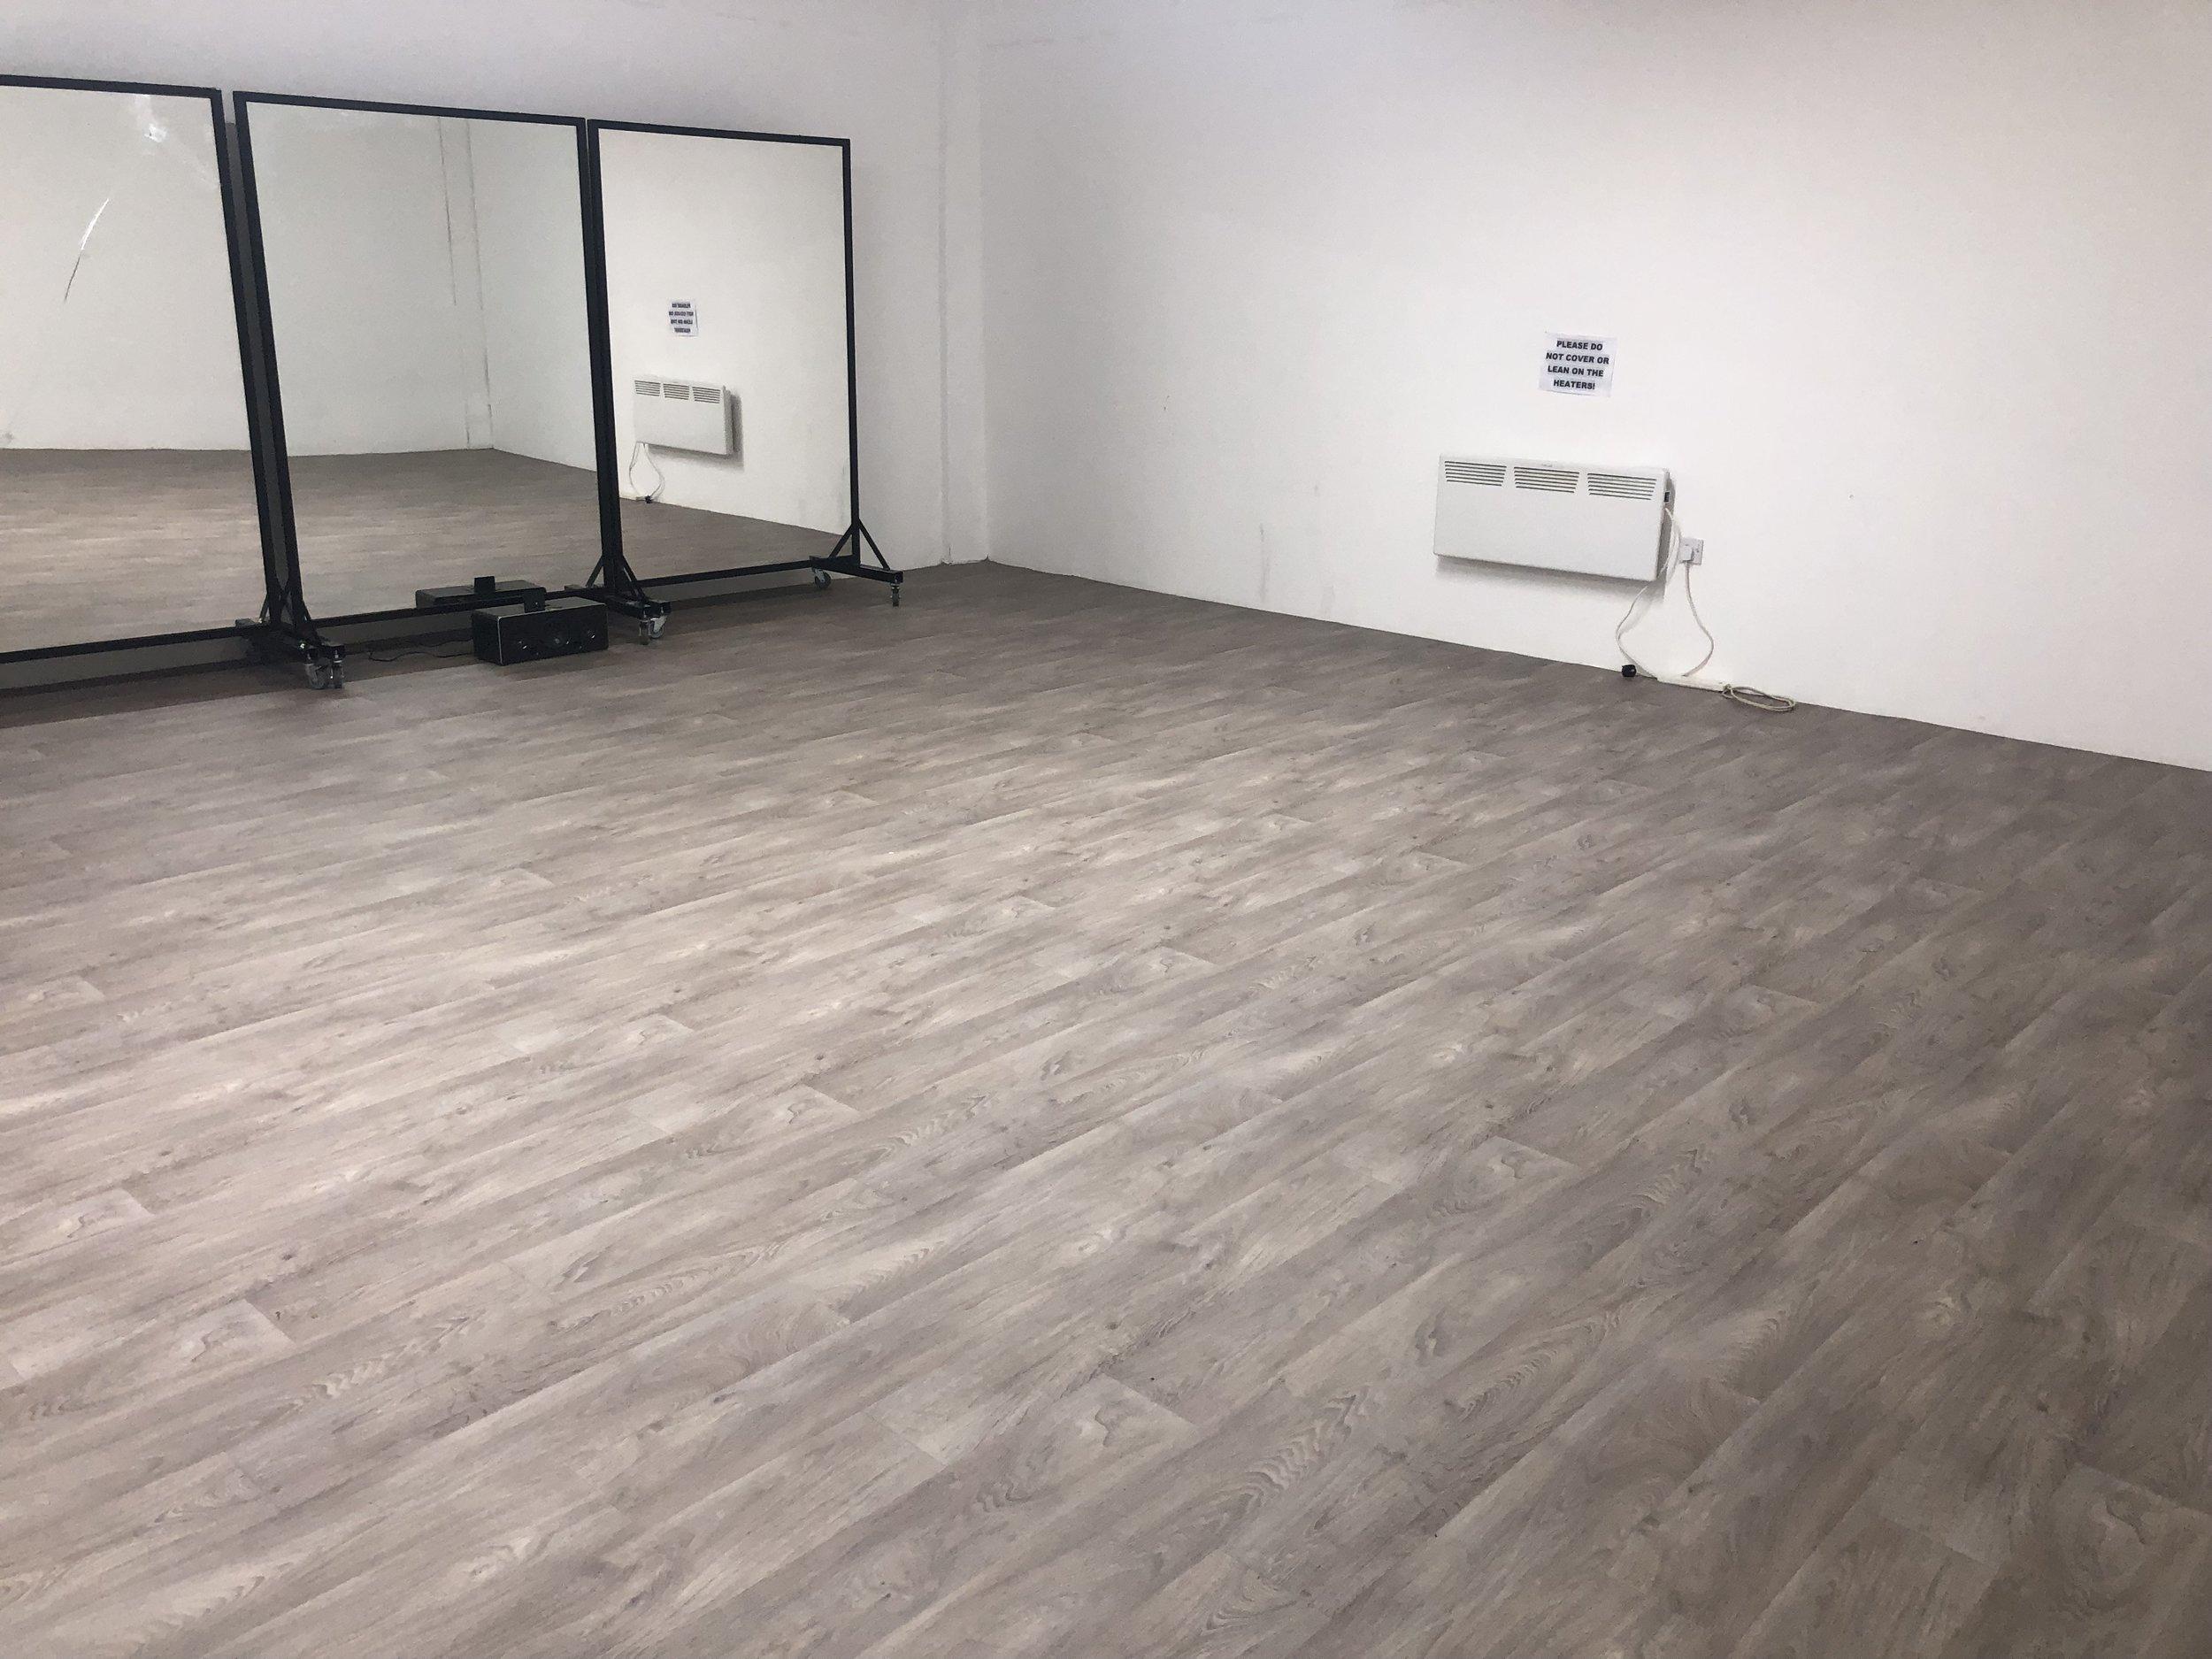 Studio four - Studio 4: 23.5ft x 21.5ft